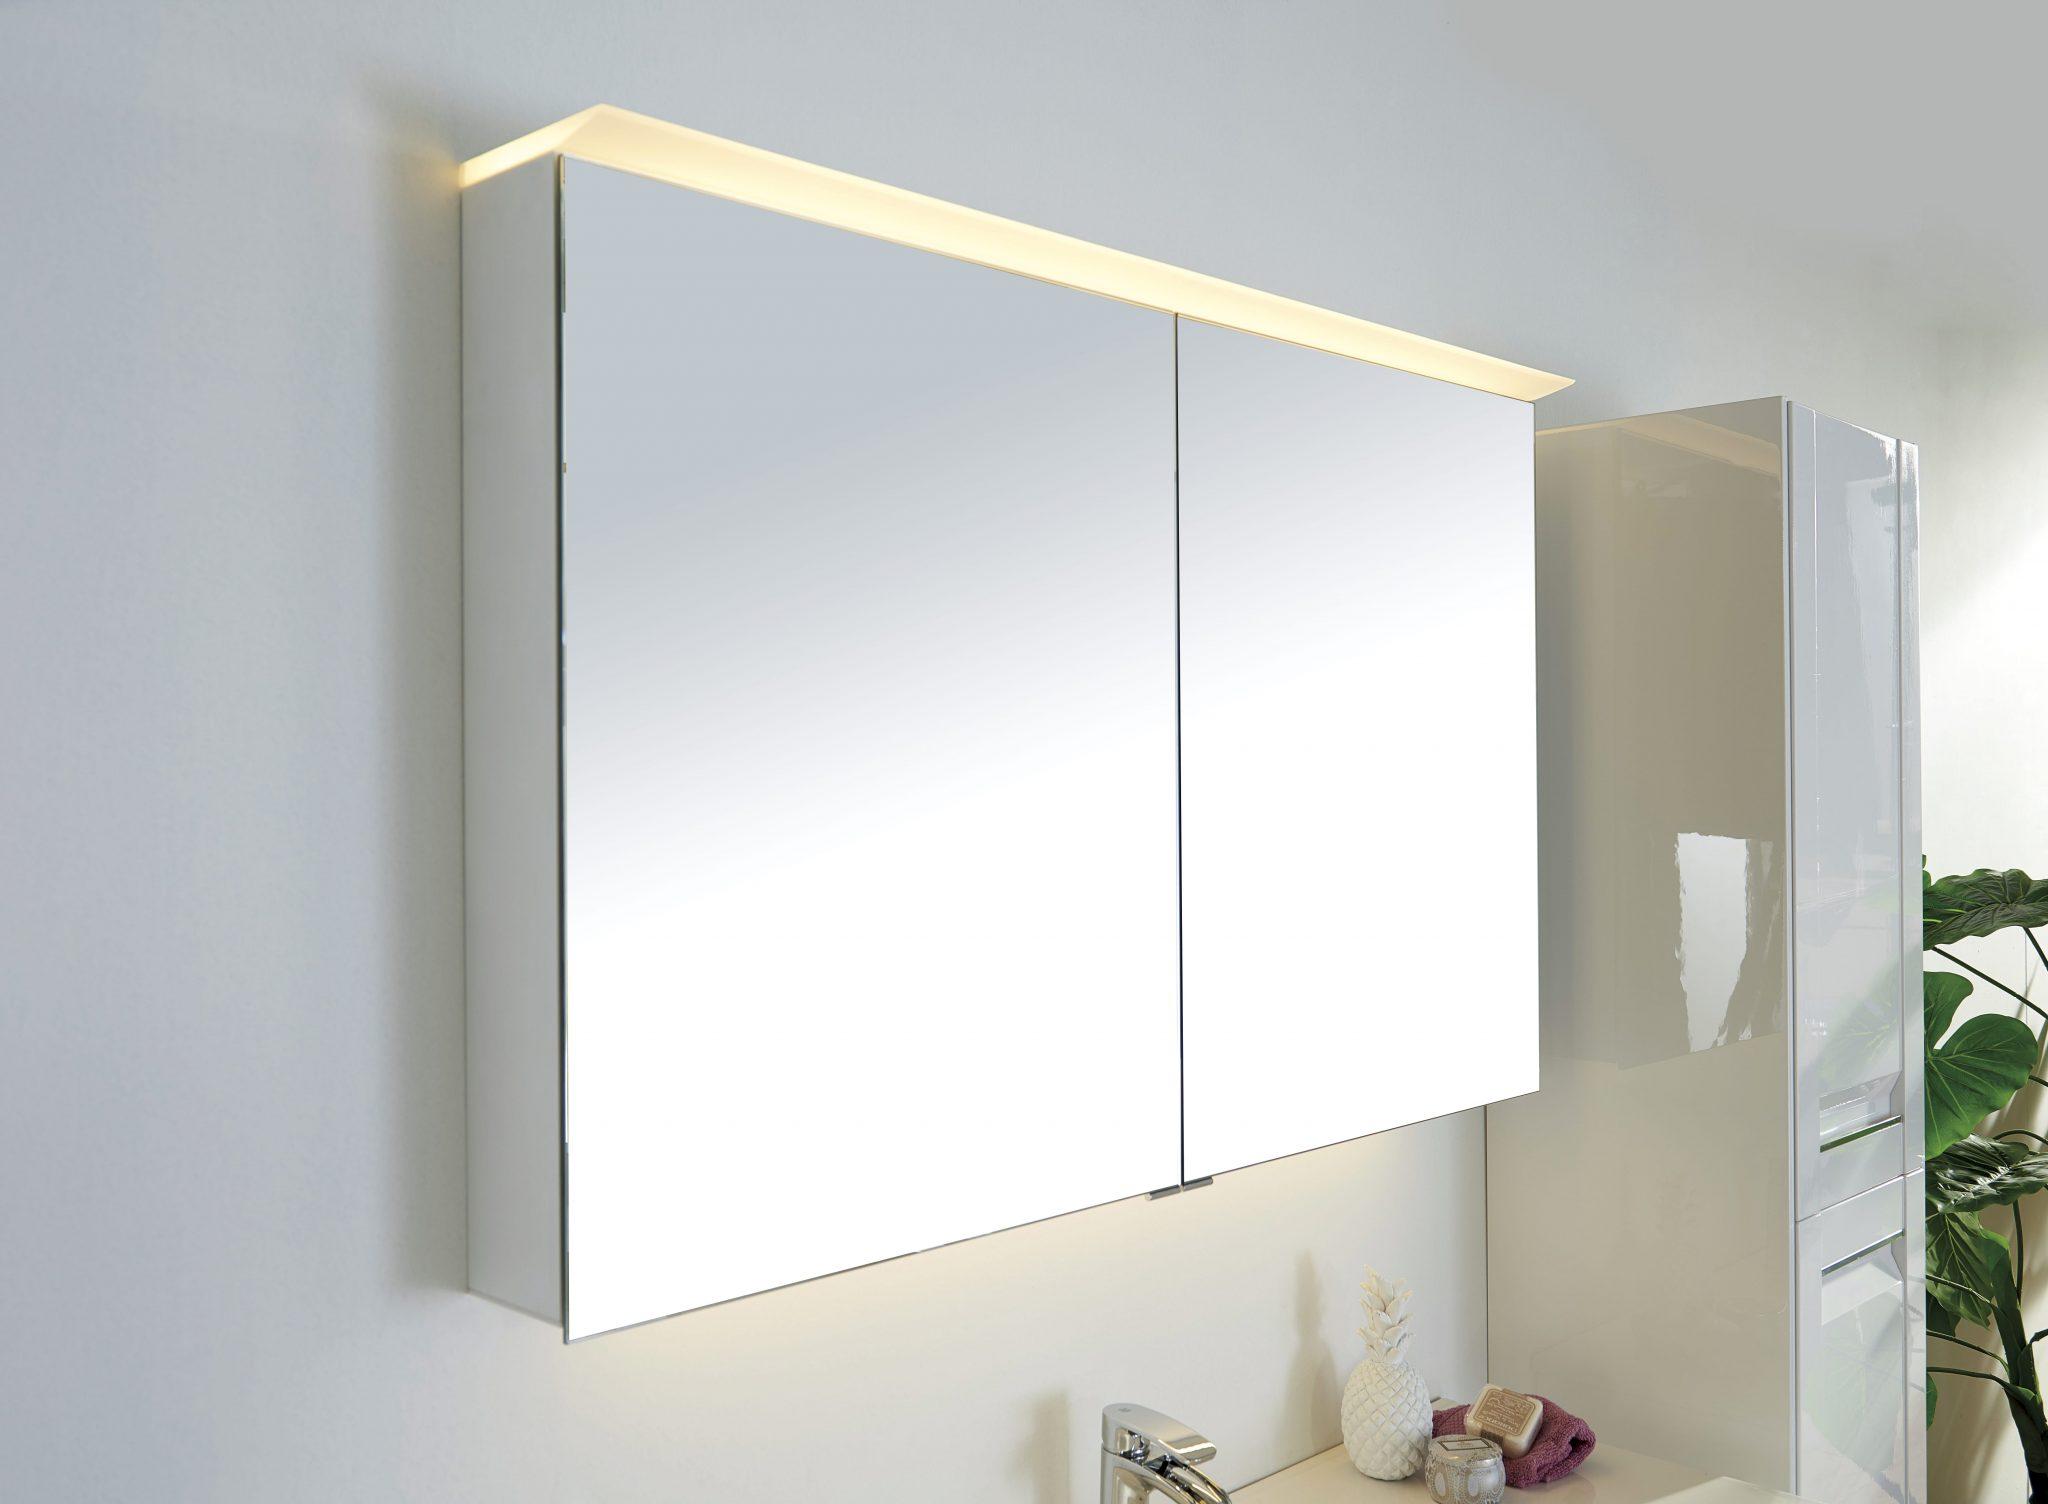 Veneto Speilskap Med Led Lys 90 Cm Modena Fliser